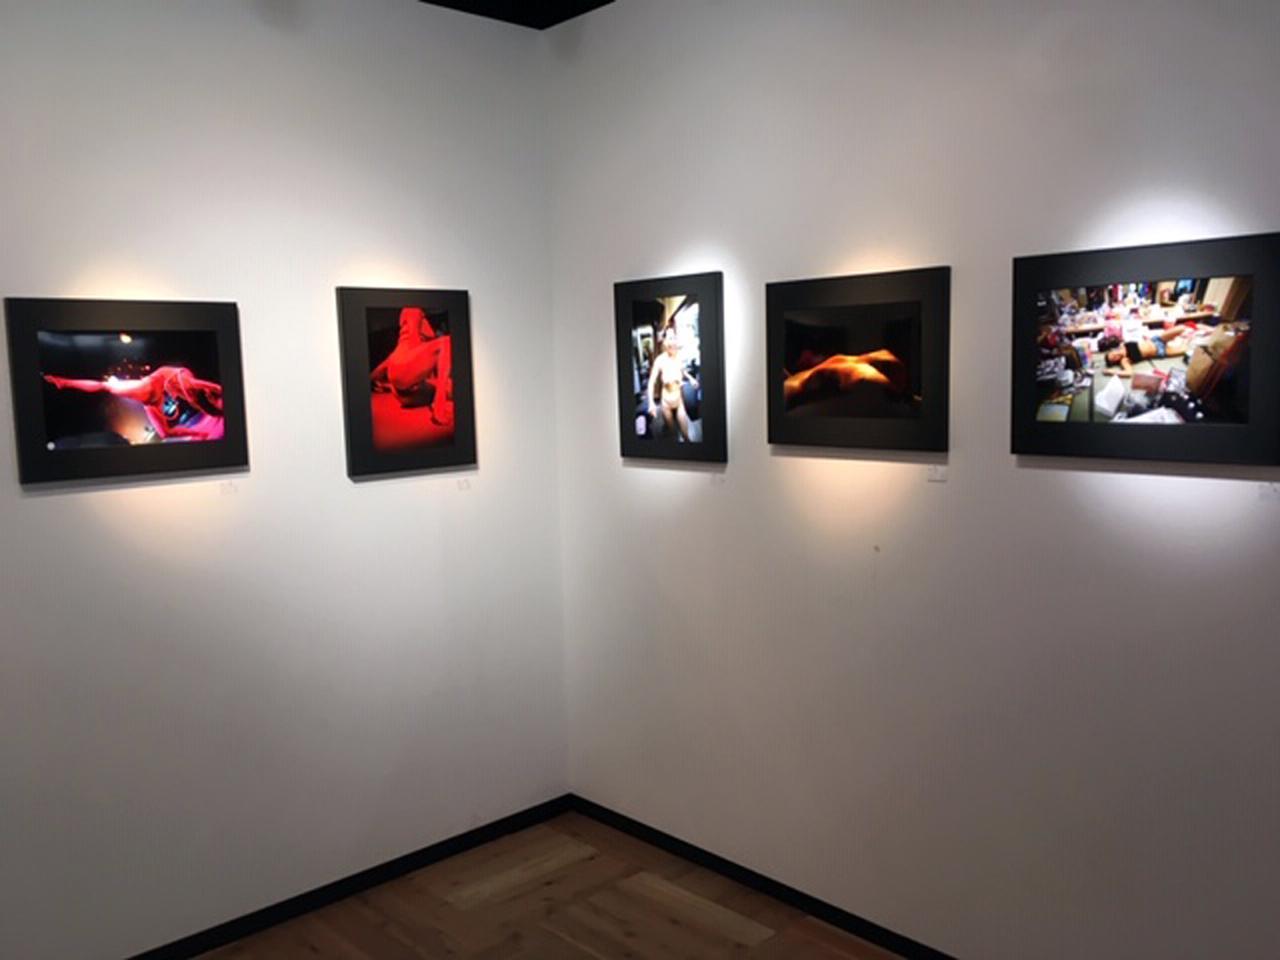 画像: 藤里一郎写真展『原色の熱情』は、8月2日(日)までNine Gallery(港区北青山)で開催されます。